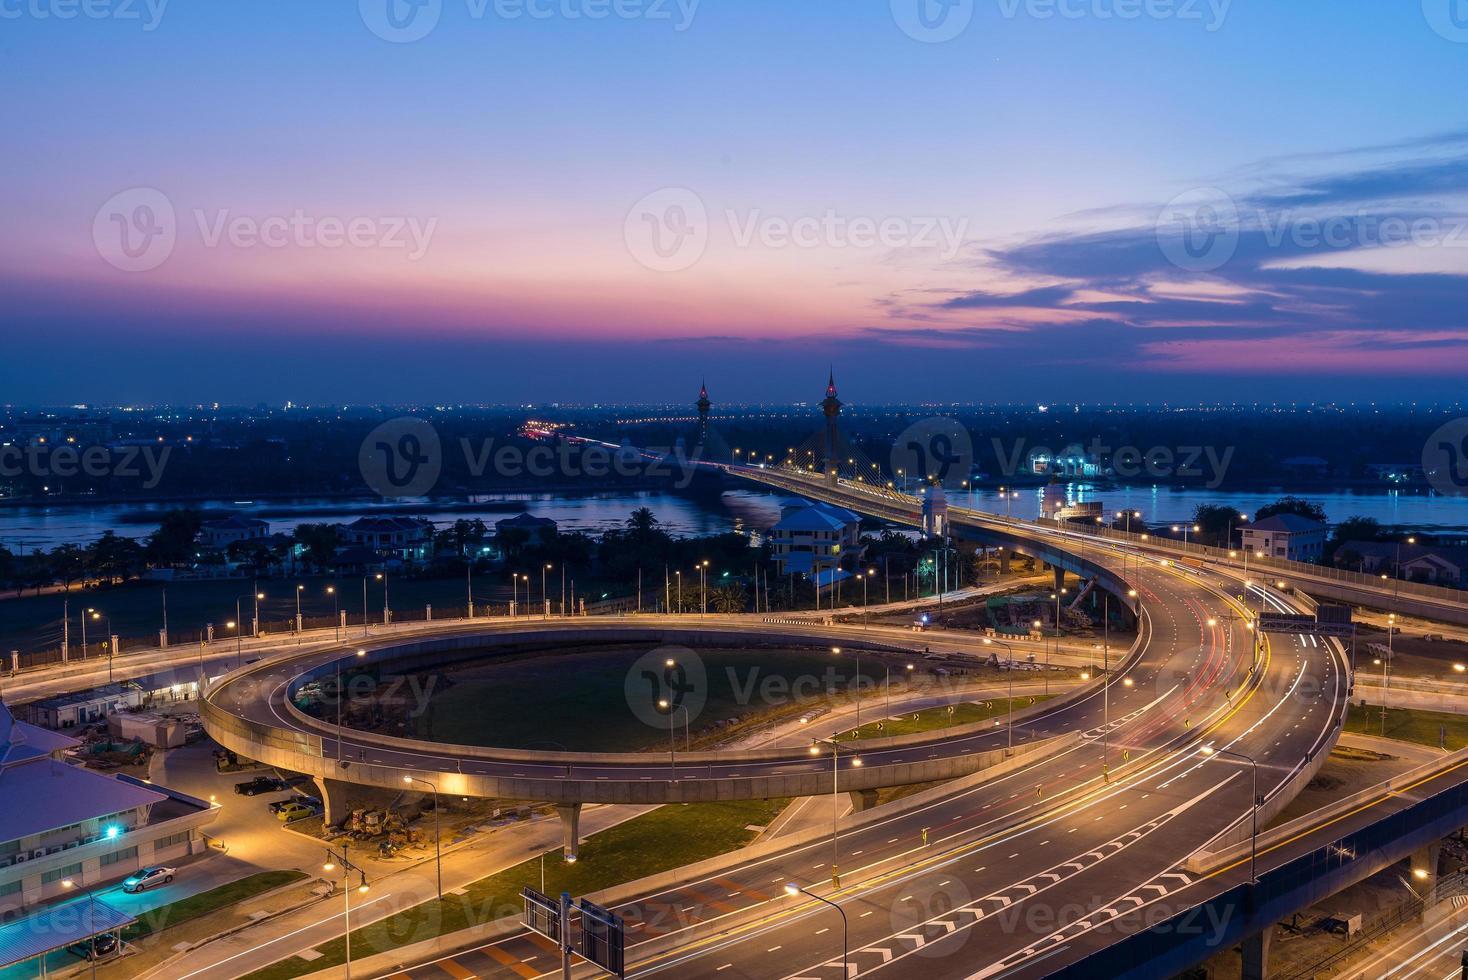 paesaggio urbano nel mezzo di Bangkok, in Thailandia foto